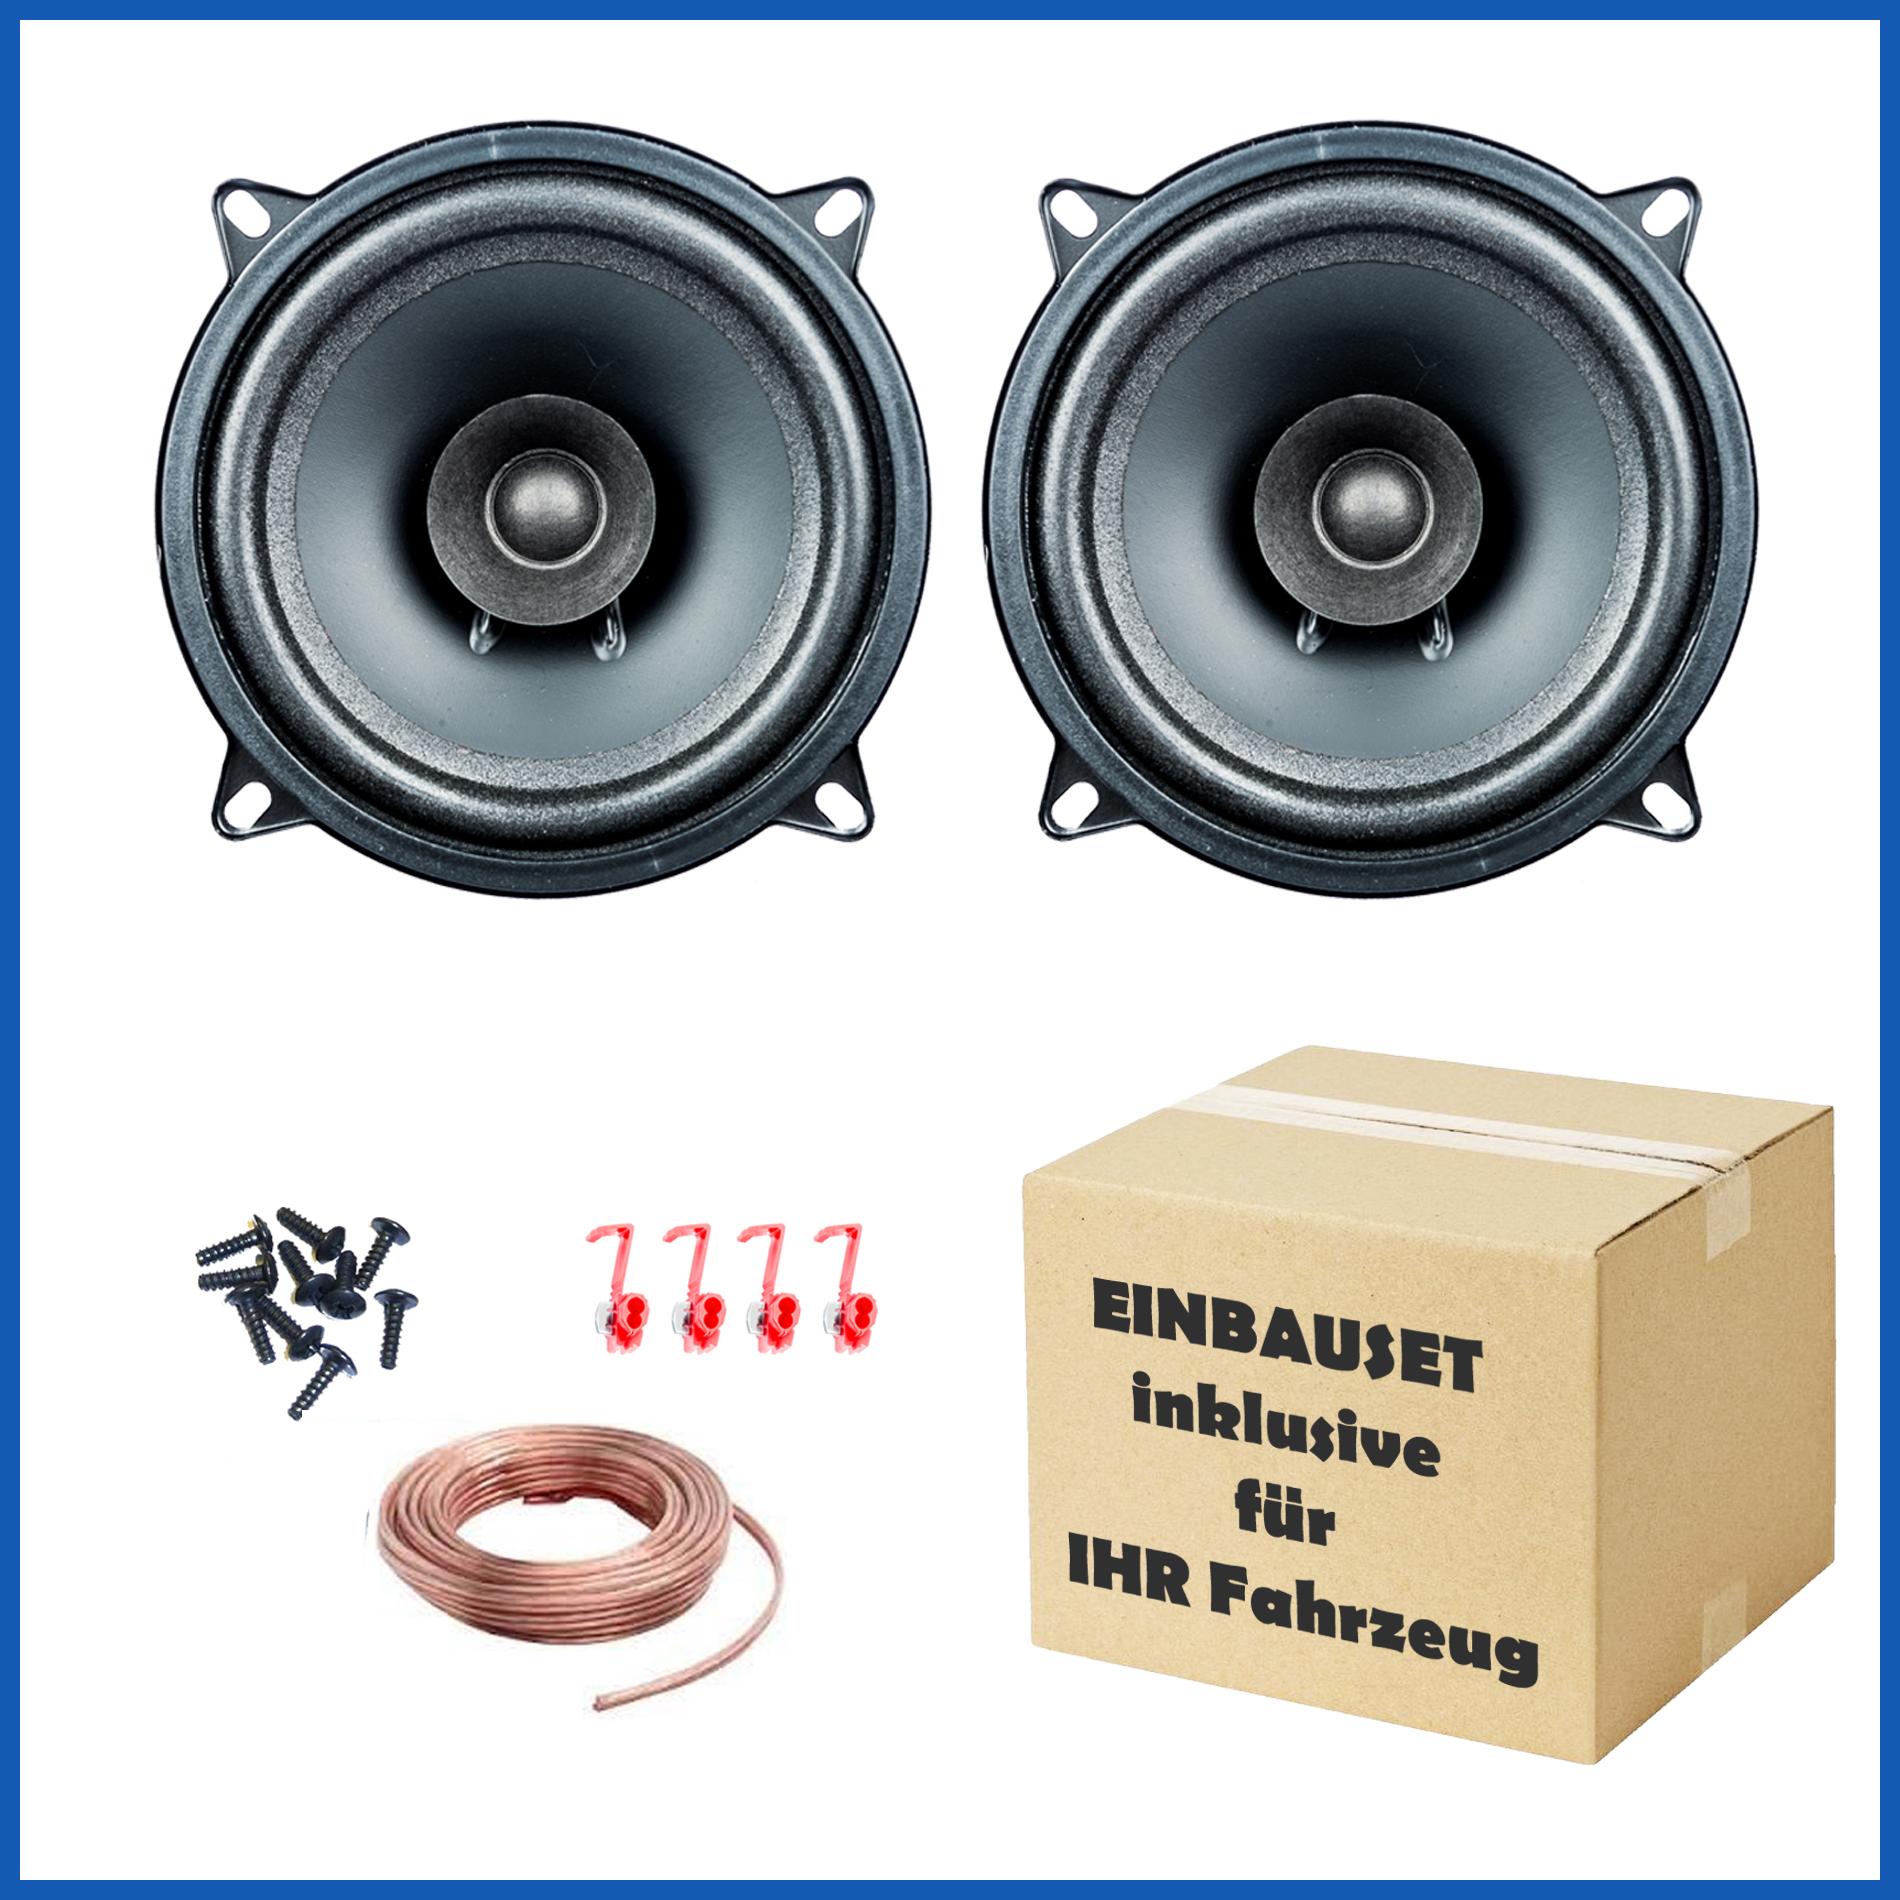 1 Paar PG Audio EVO I 13.2, 13 cm Dual Cone Lautsprecher passend für Alfa Romeo, Fiat, Saab, Smart